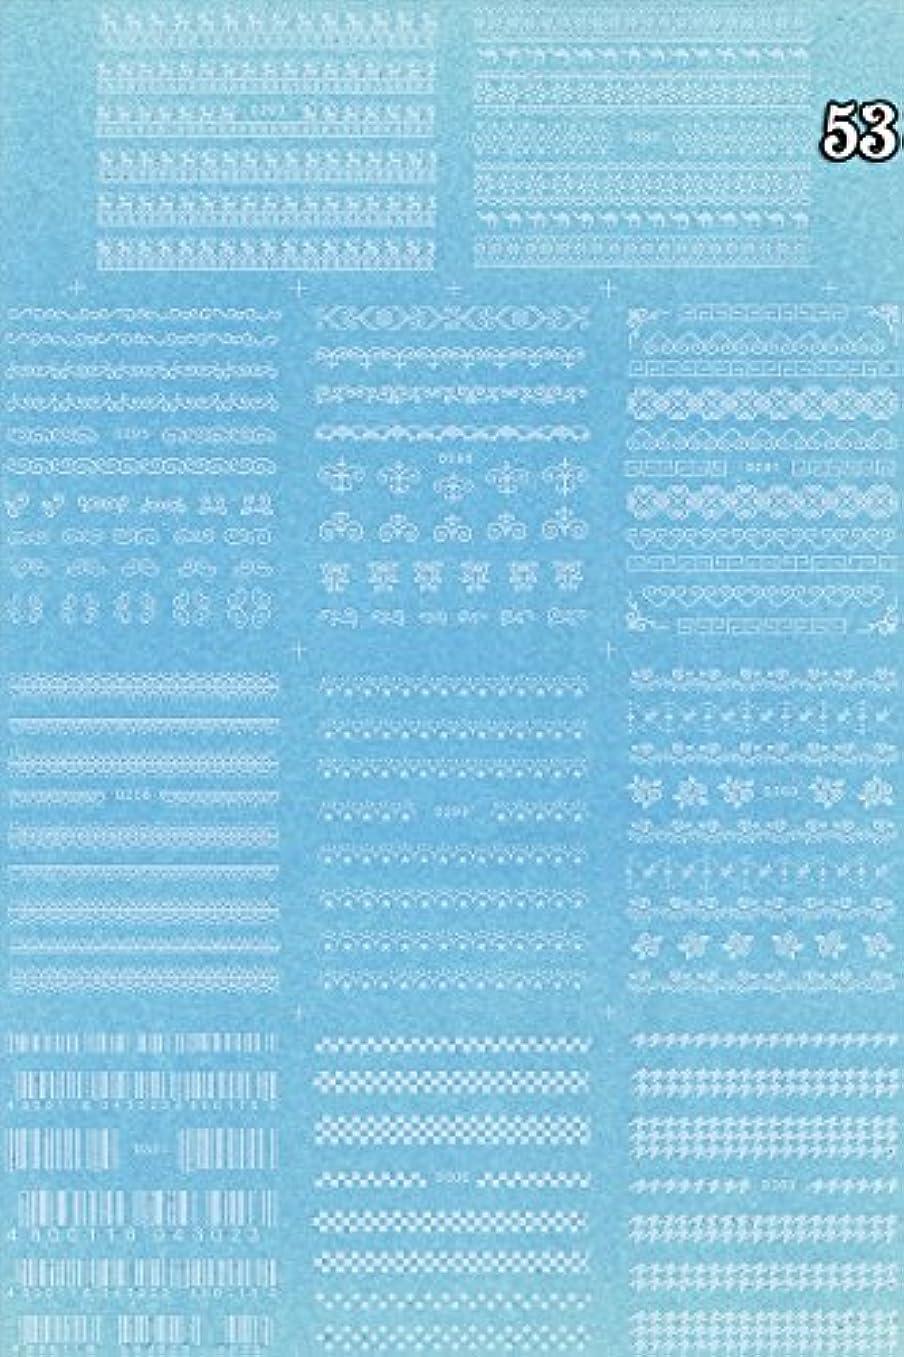 学部デッキ彼は極薄、重ね貼りOK★ウォーターネイルシール デコレーション 11種セット (11種set-53)